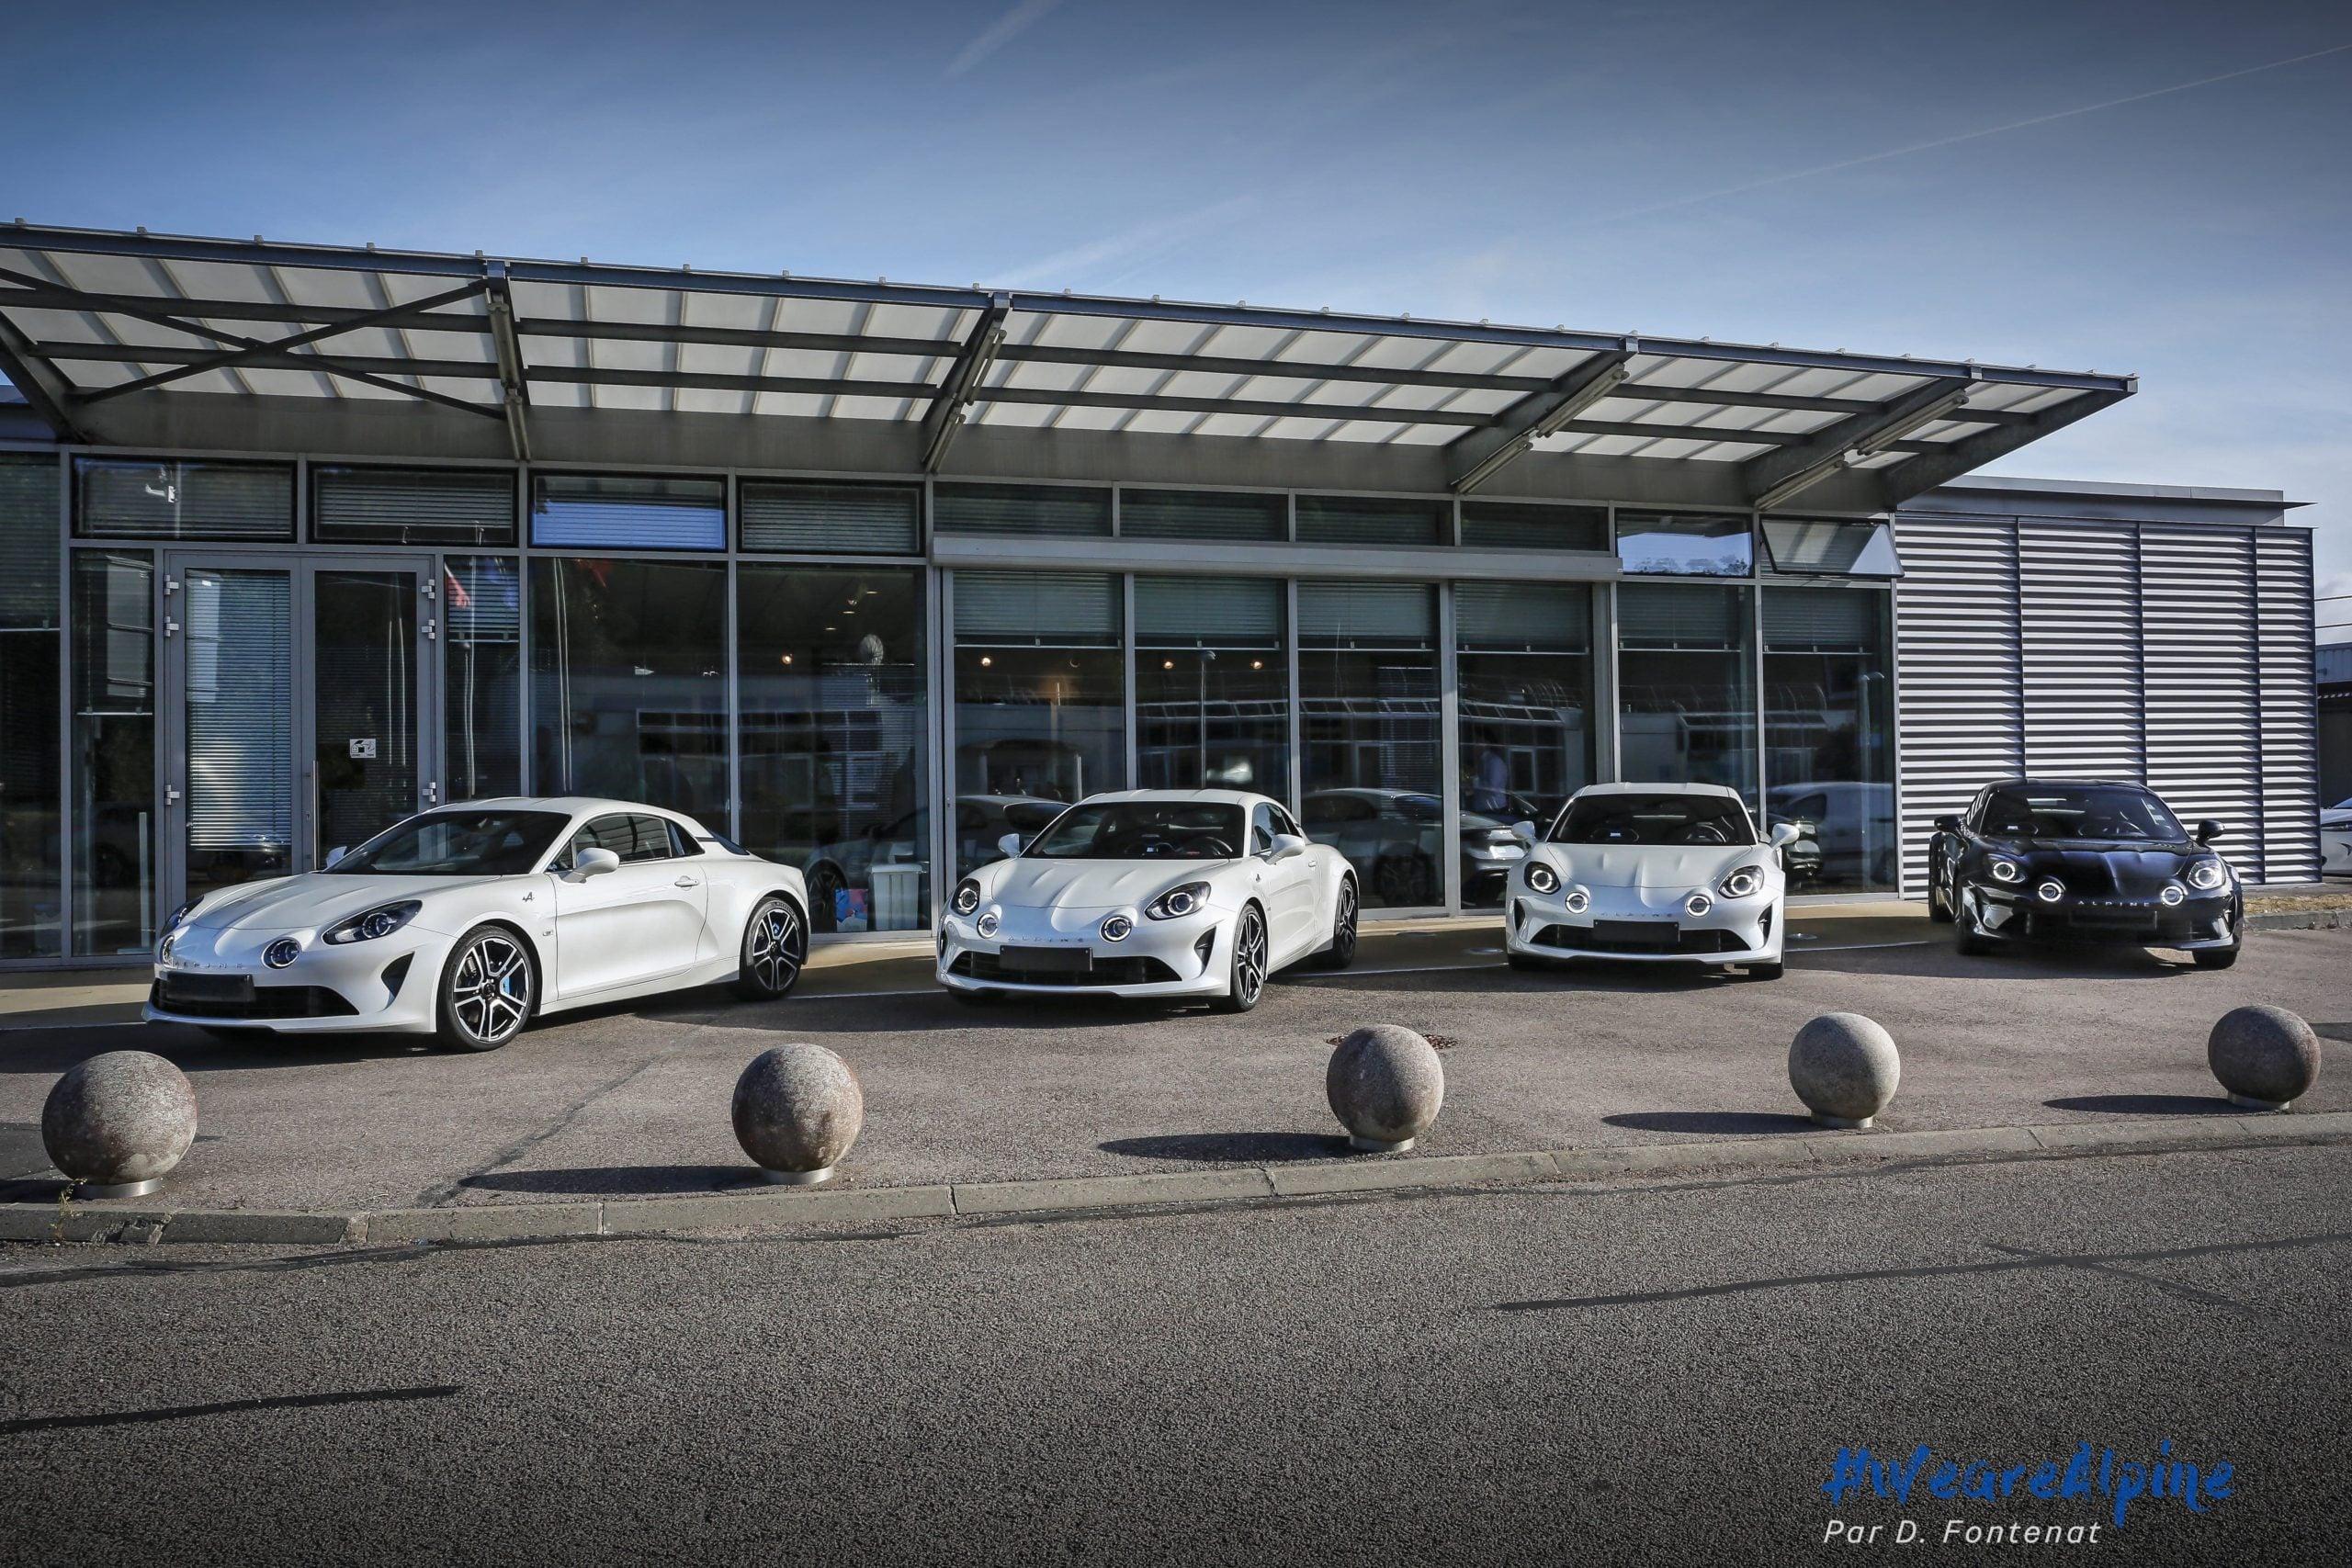 DF18544©D.Fontenat scaled | Essai vidéo de la nouvelle Alpine A110 sur circuit en exclusivité mondiale !